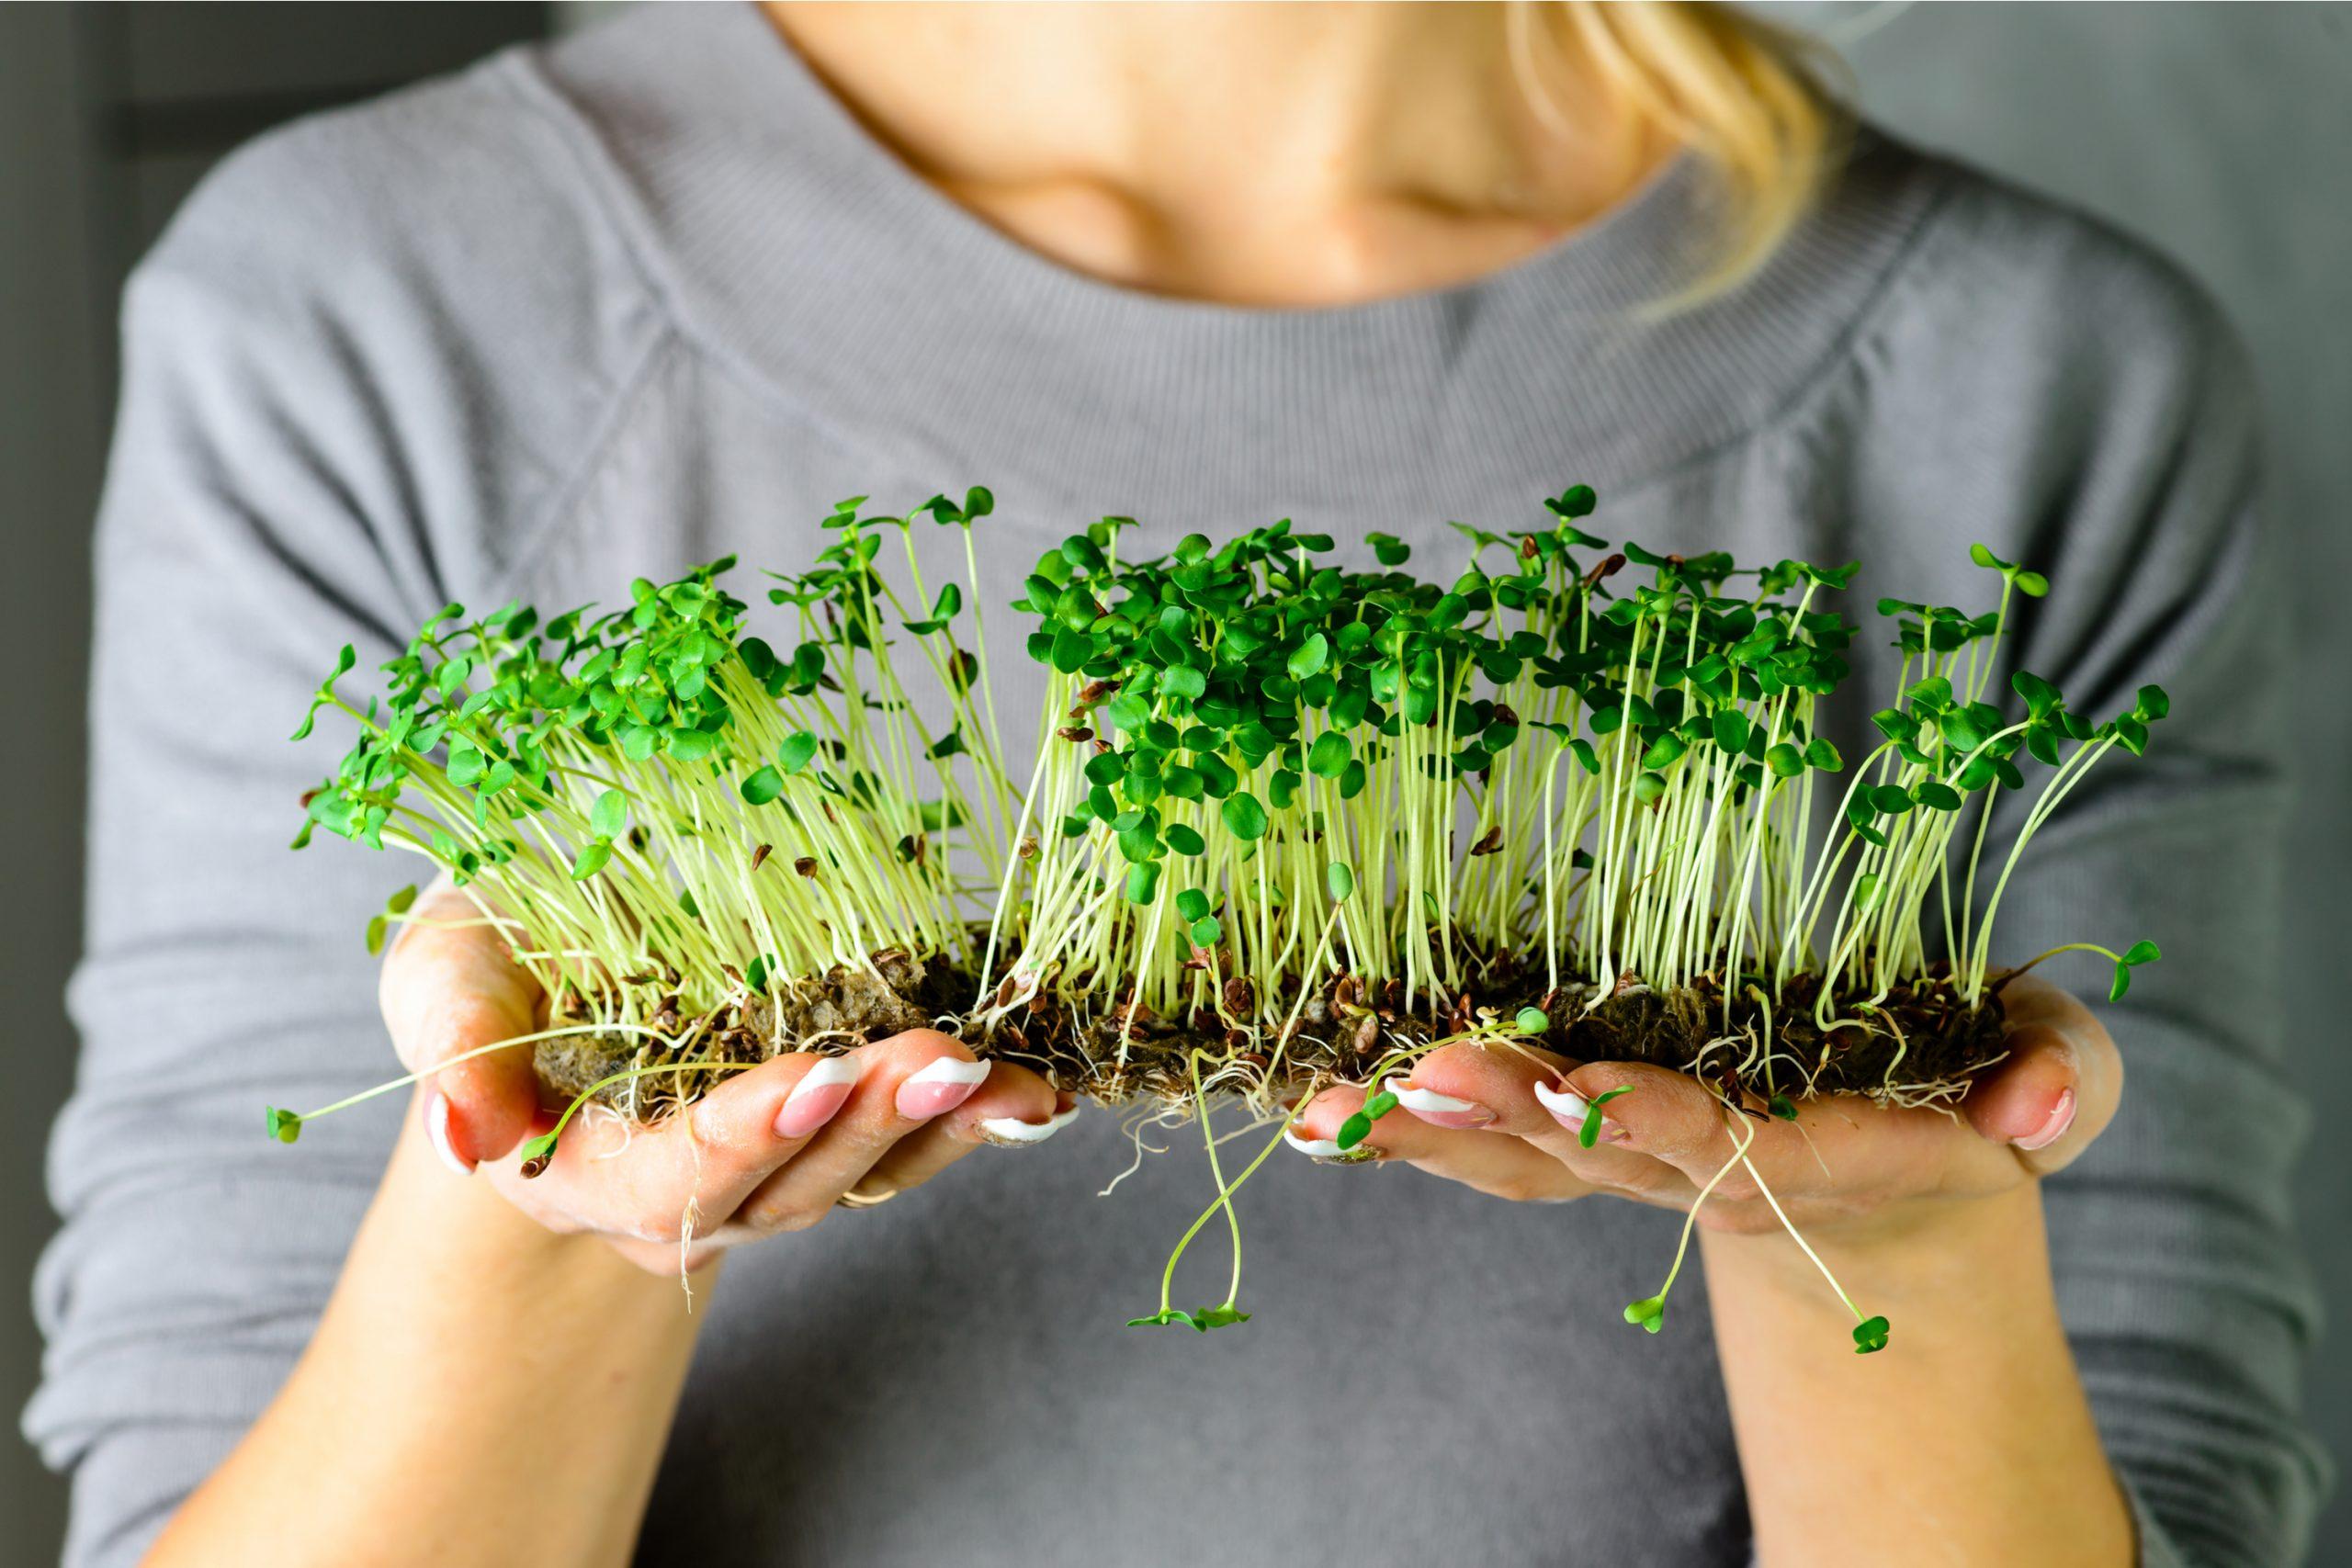 Микрозелень — что это такое и с чем её едят? фото — ботаничка.ru